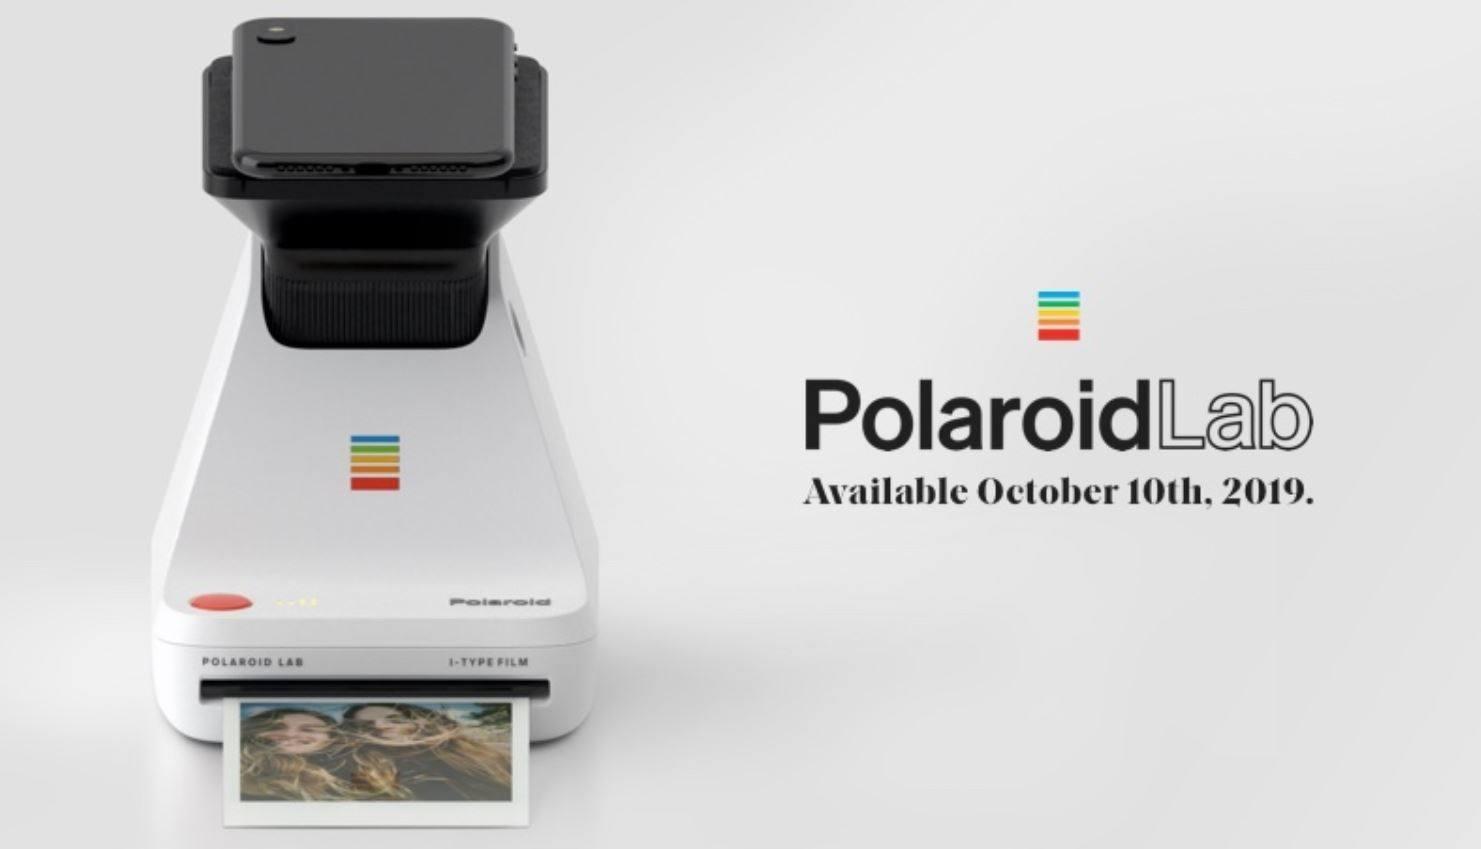 宝丽来即将推出相片打印机Polaroid Lab